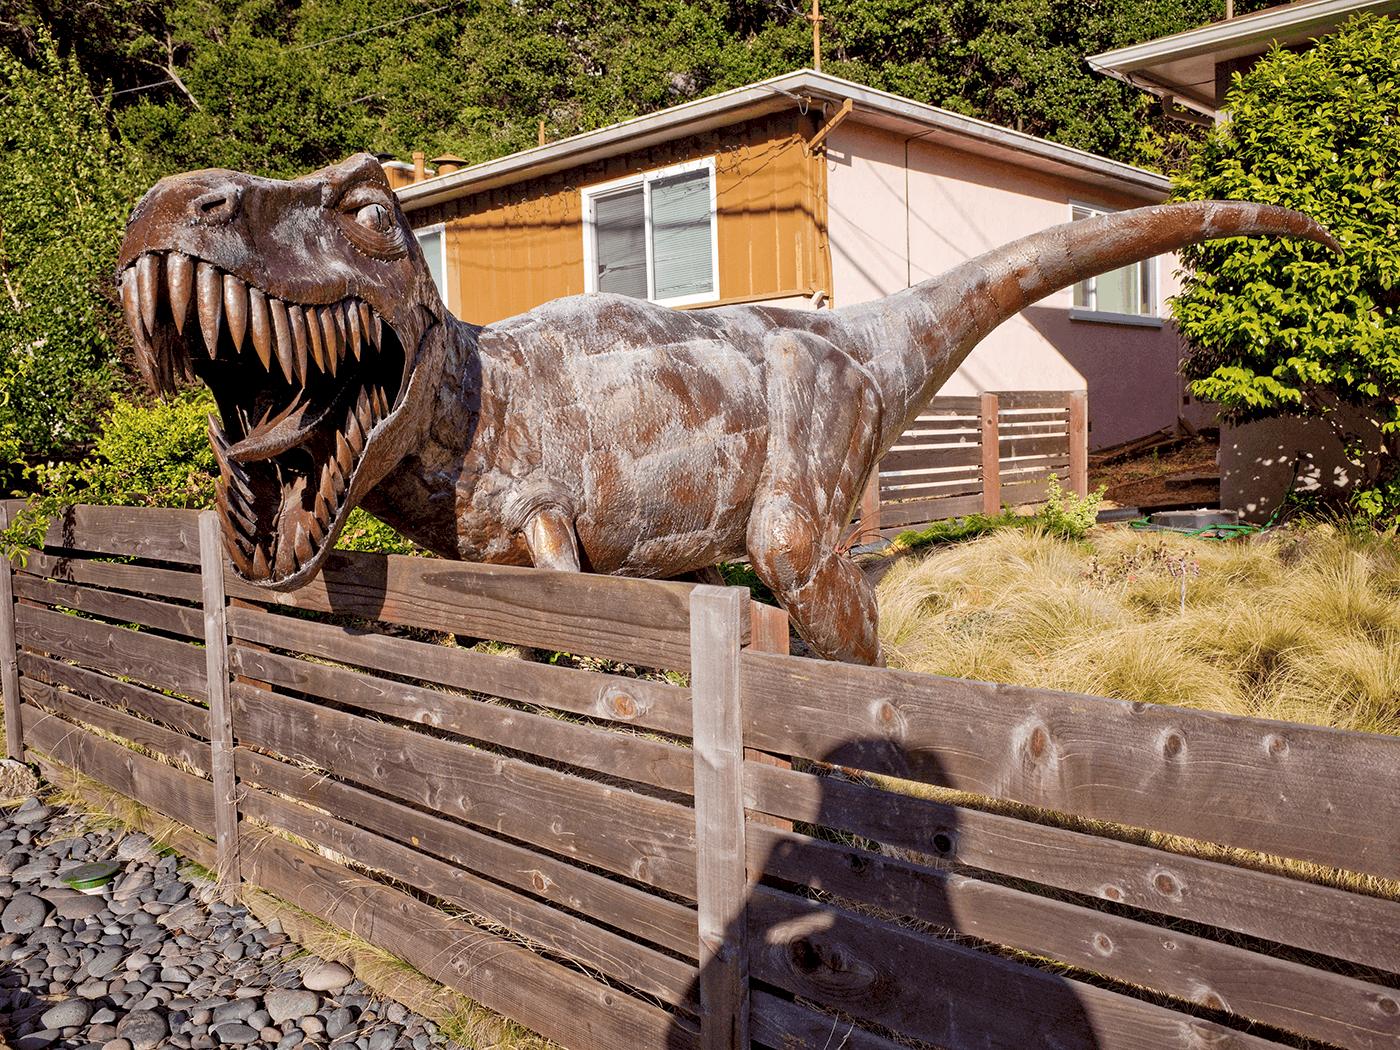 Dinosaur, Oakland